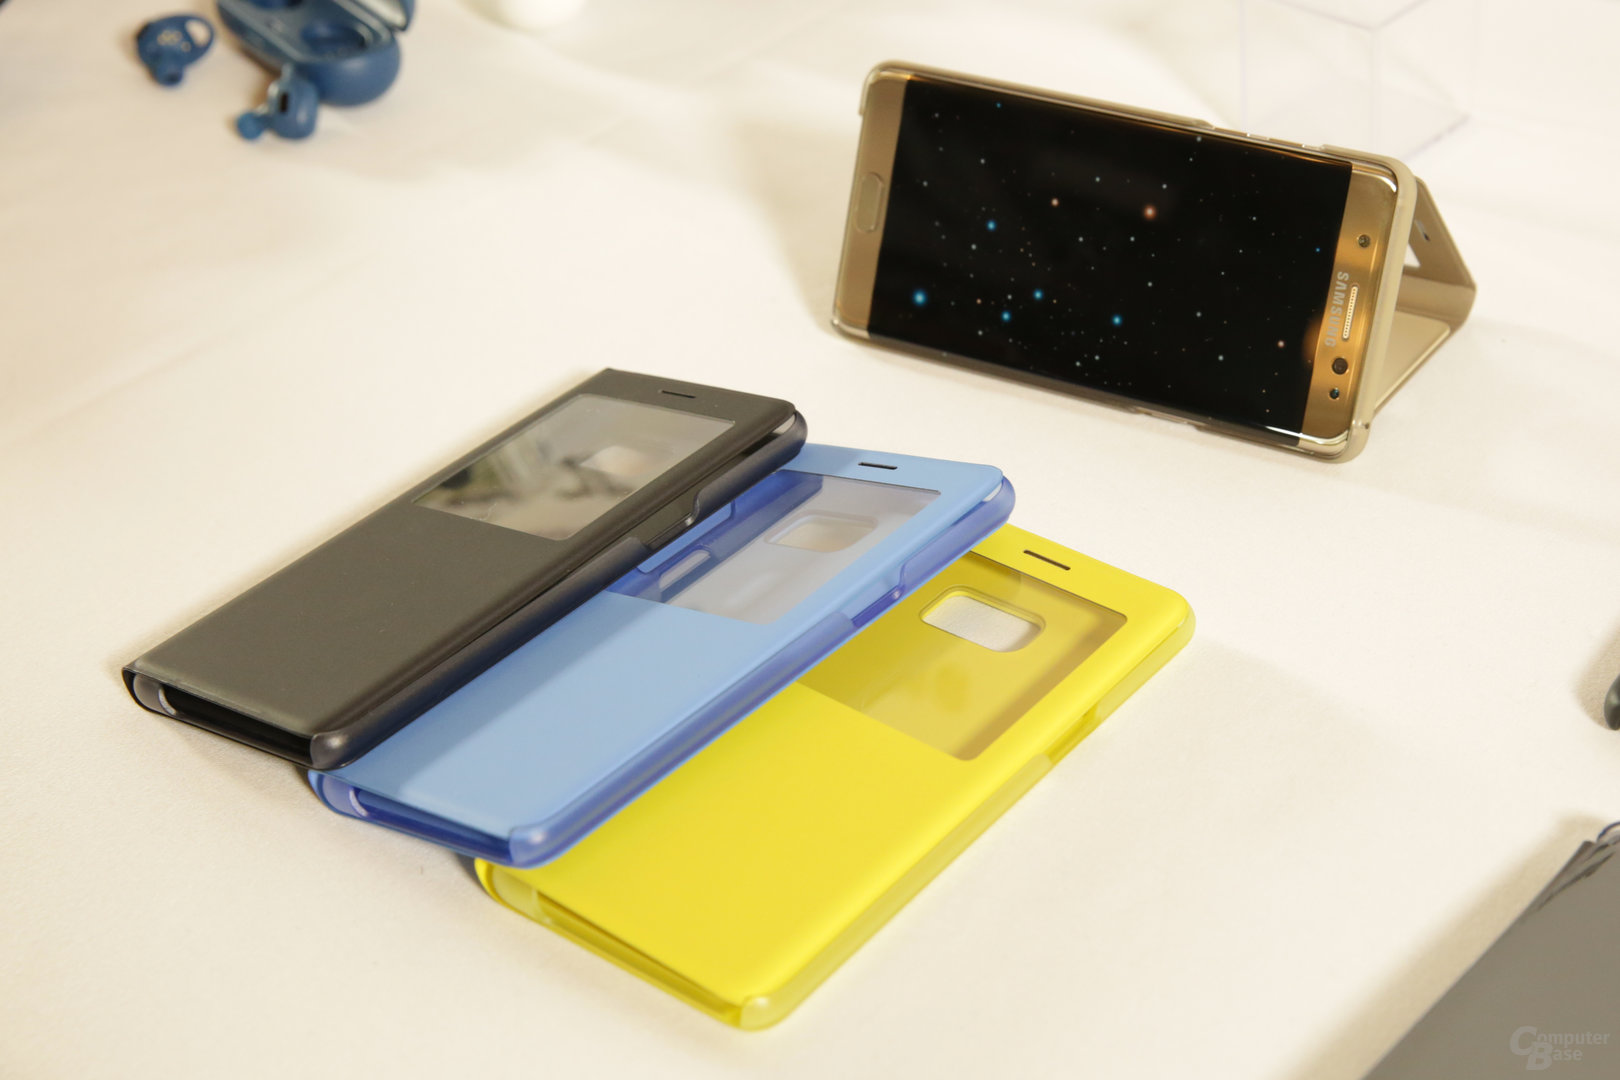 Zubehör für das Galaxy Note 7